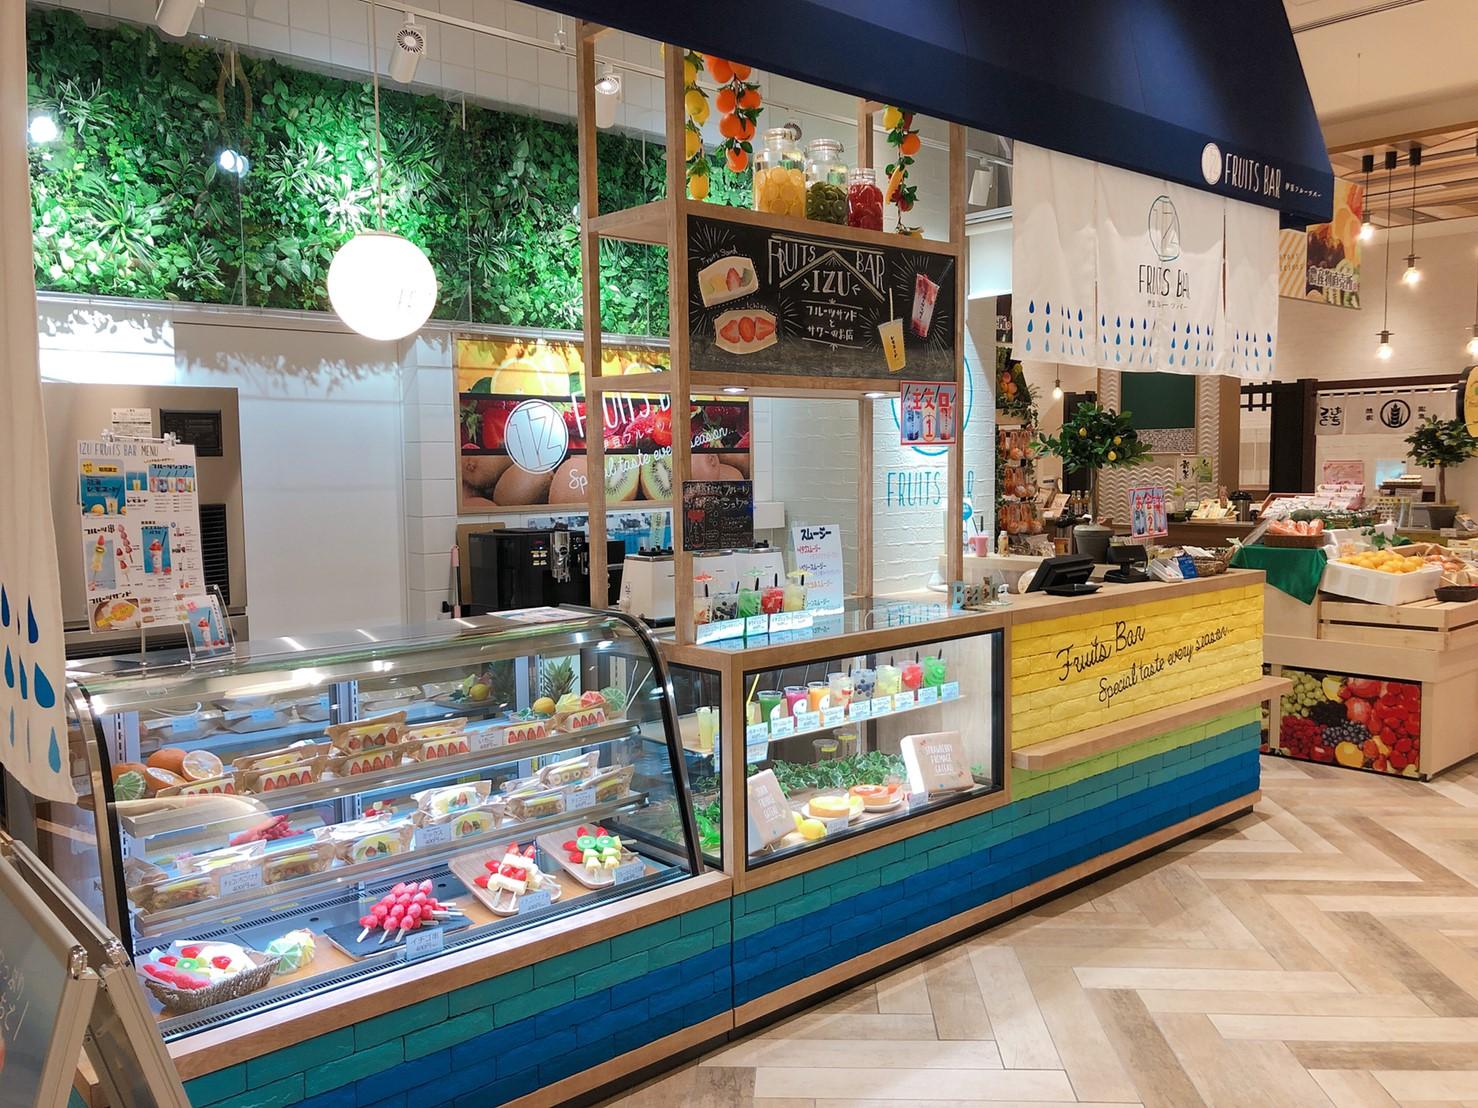 『熱海ベイリゾート後楽園スパFuua』の売店